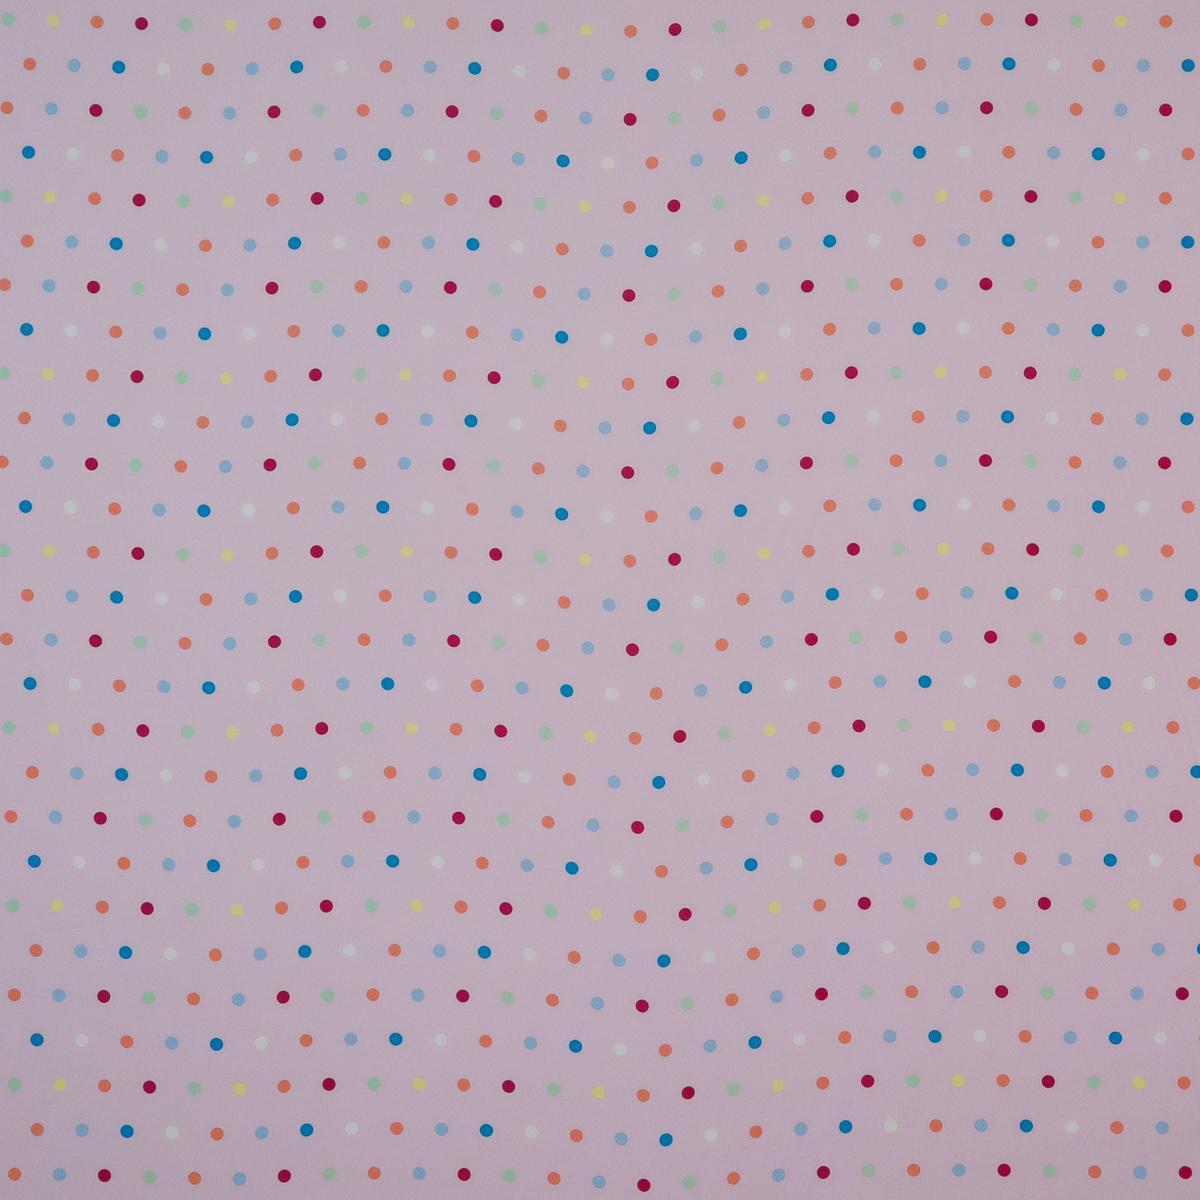 Шёлковый крепдешин нежно-сиреневого цвета в разноцветный горох